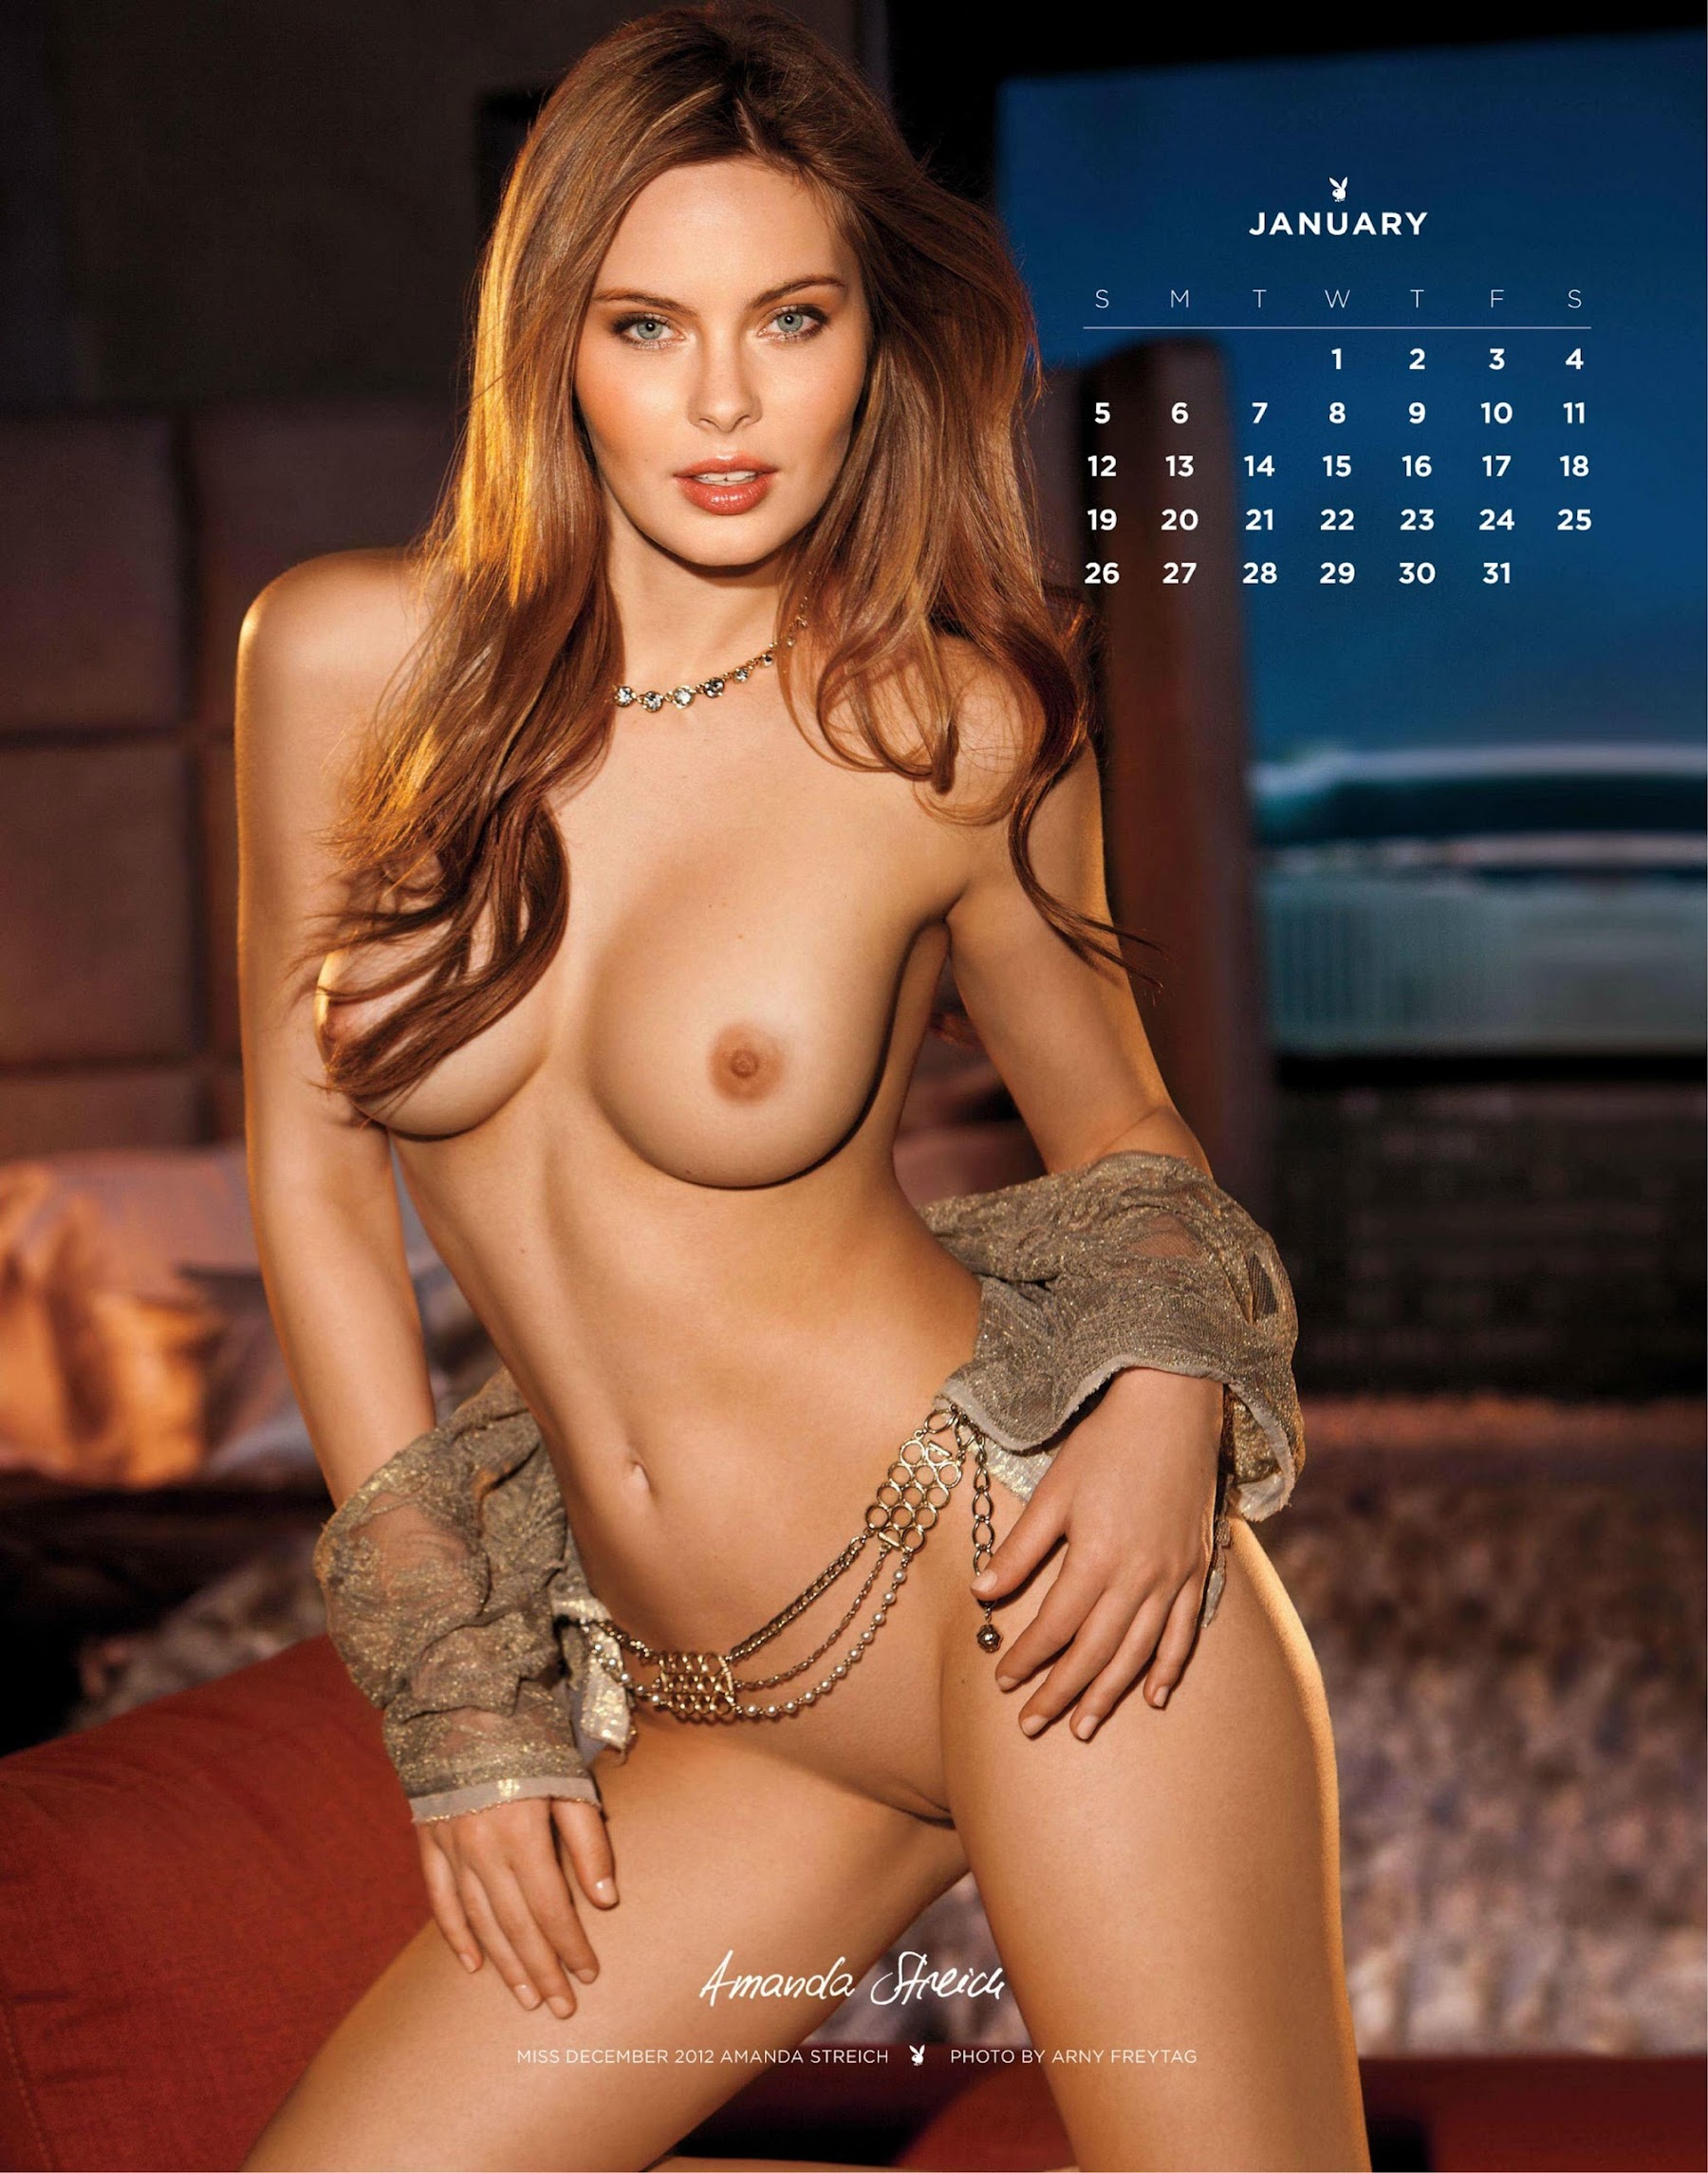 golie-modeli-na-kalendaryah-erotika-na-veb-kameru-dnepropetrovsk